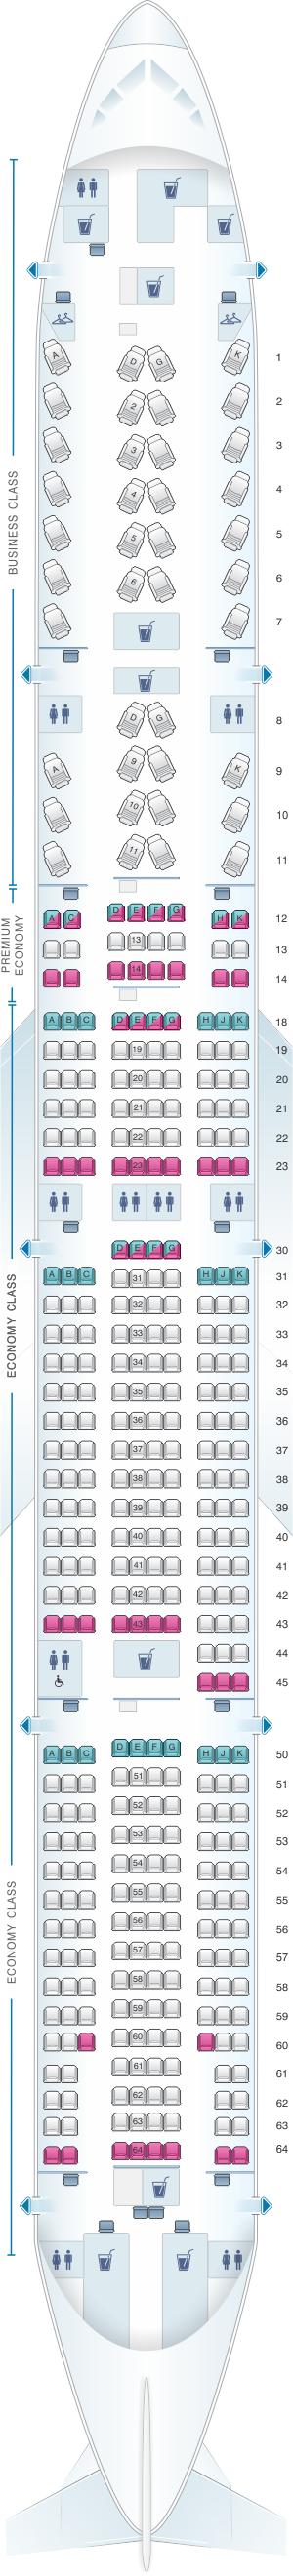 Seat Map Air Canada Boeing B777 300ER (77W) International ...